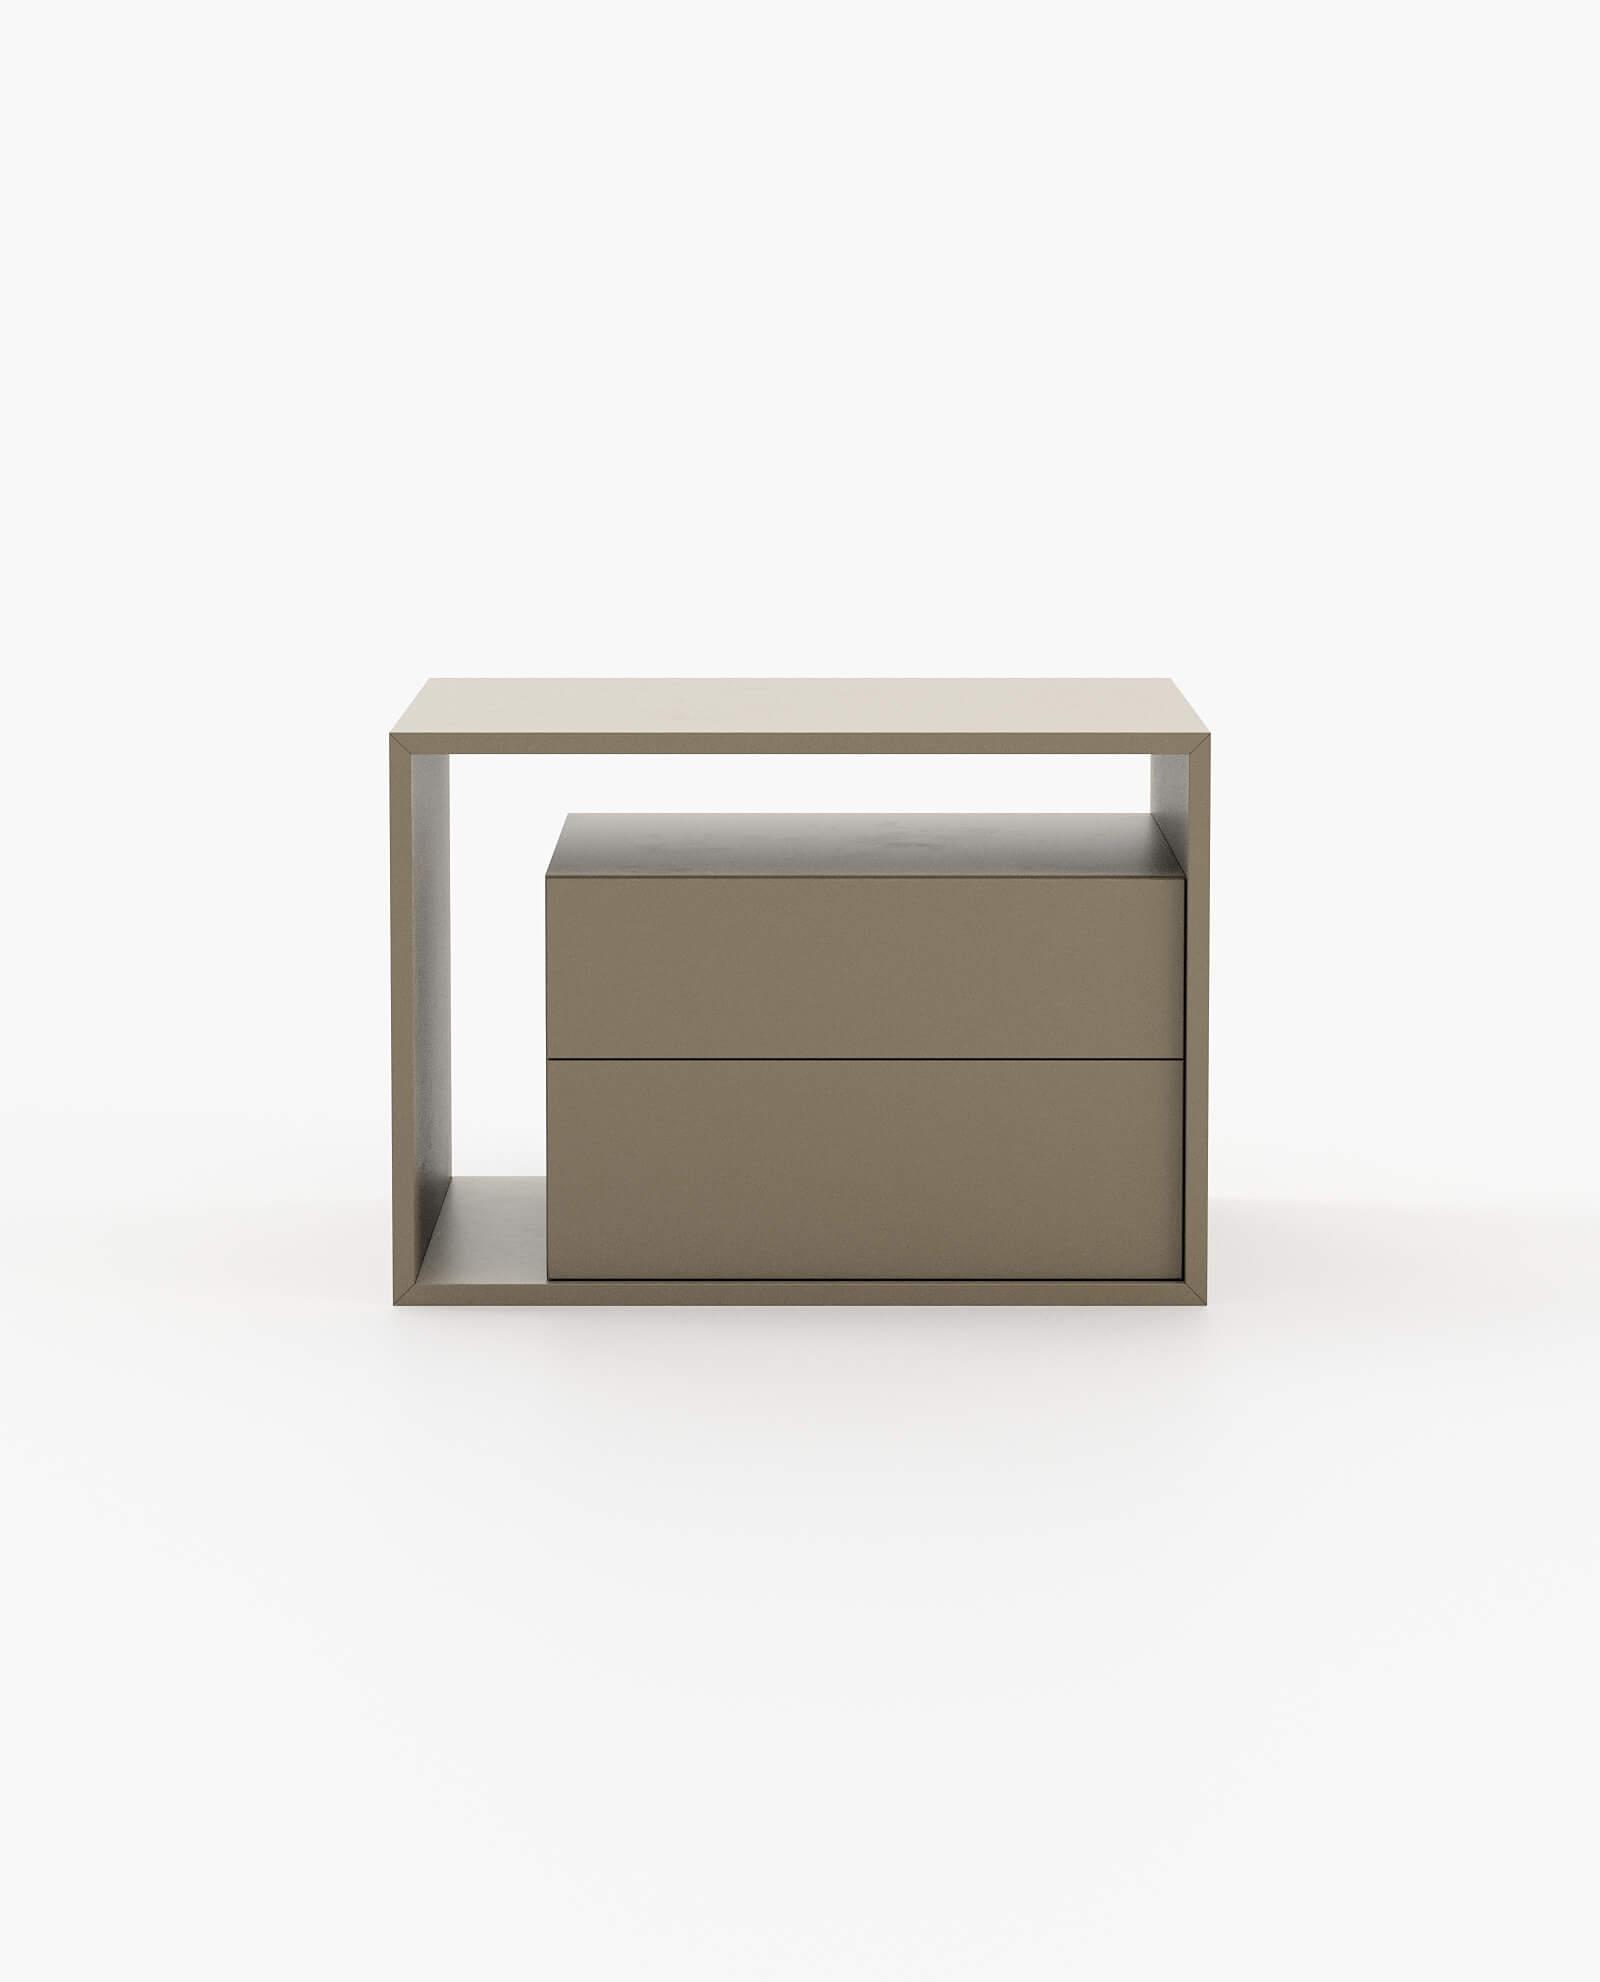 mesa de cabeceira em lacado cinza para quarto moderno